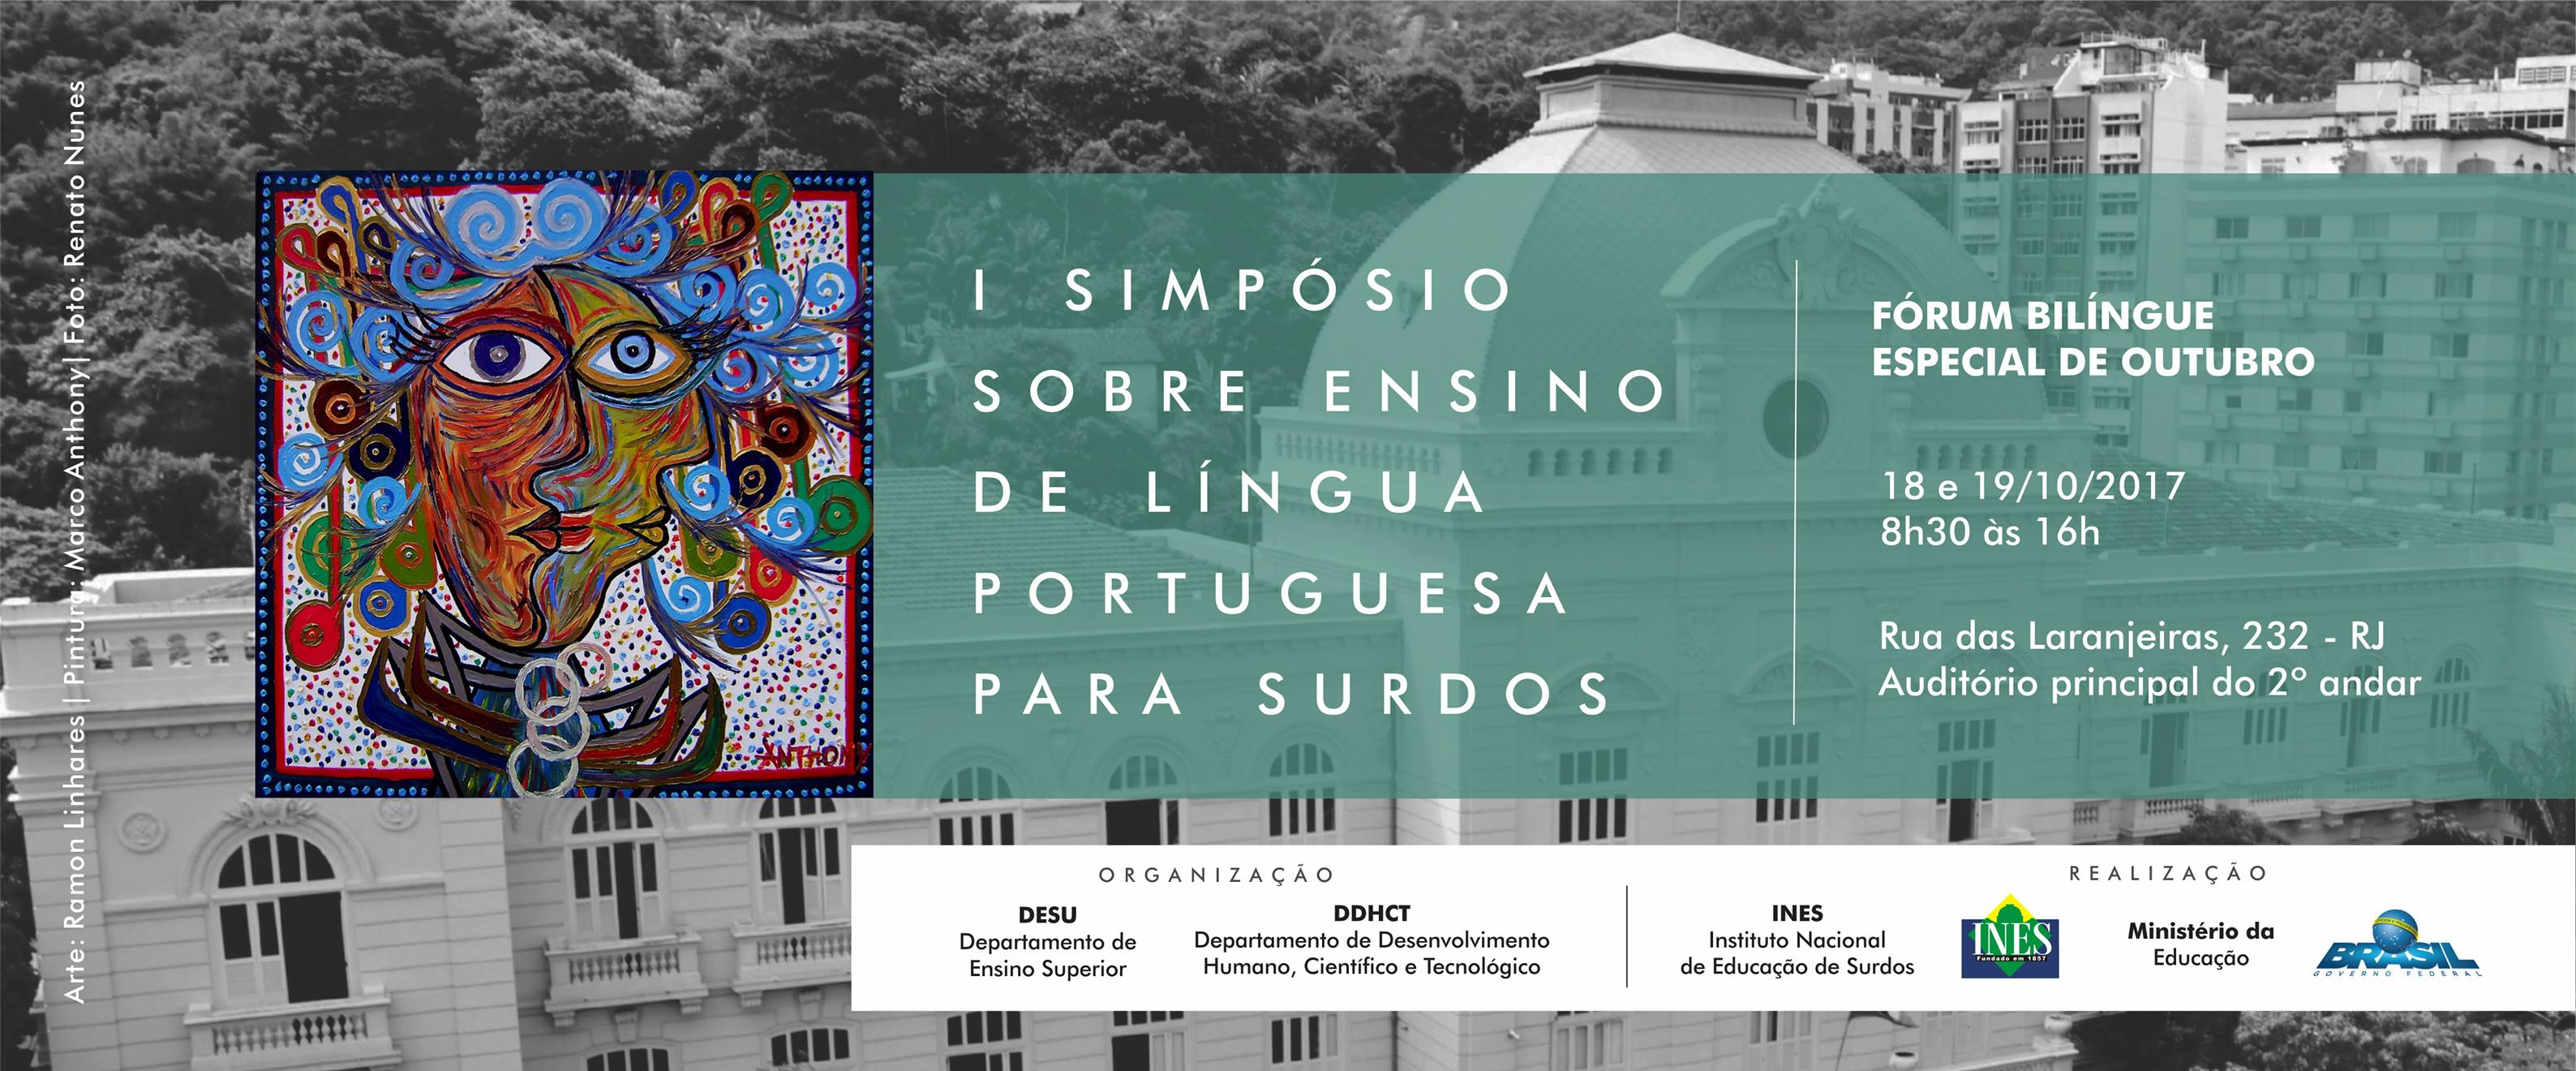 Simpósio sobre Ensino de Língua Portuguesa para Surdos: confira programação, lista de inscritos e trabalhos a serem apresentados